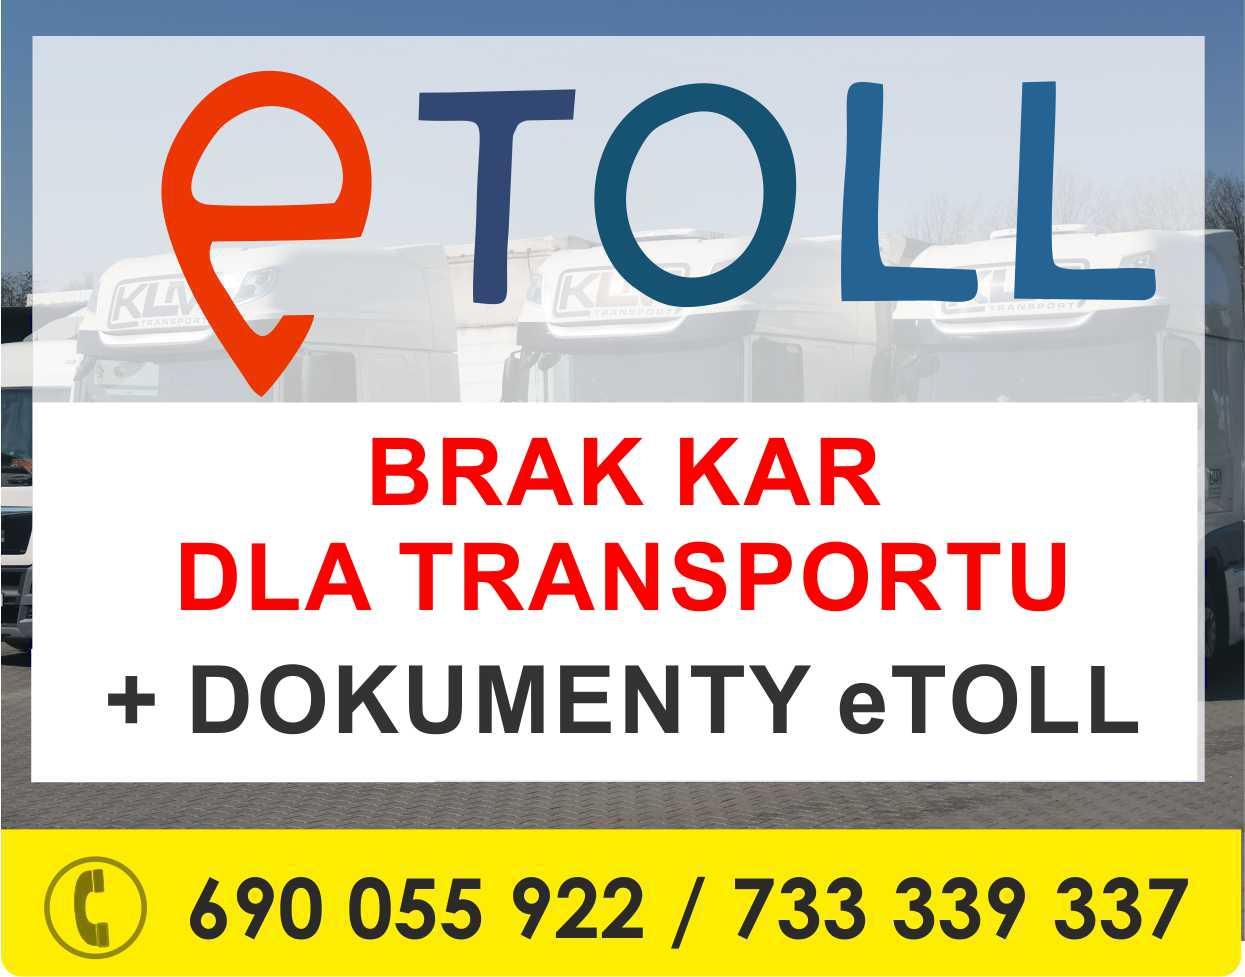 etoll – dobra wiadomość dla TRANSPORTU + dokumenty